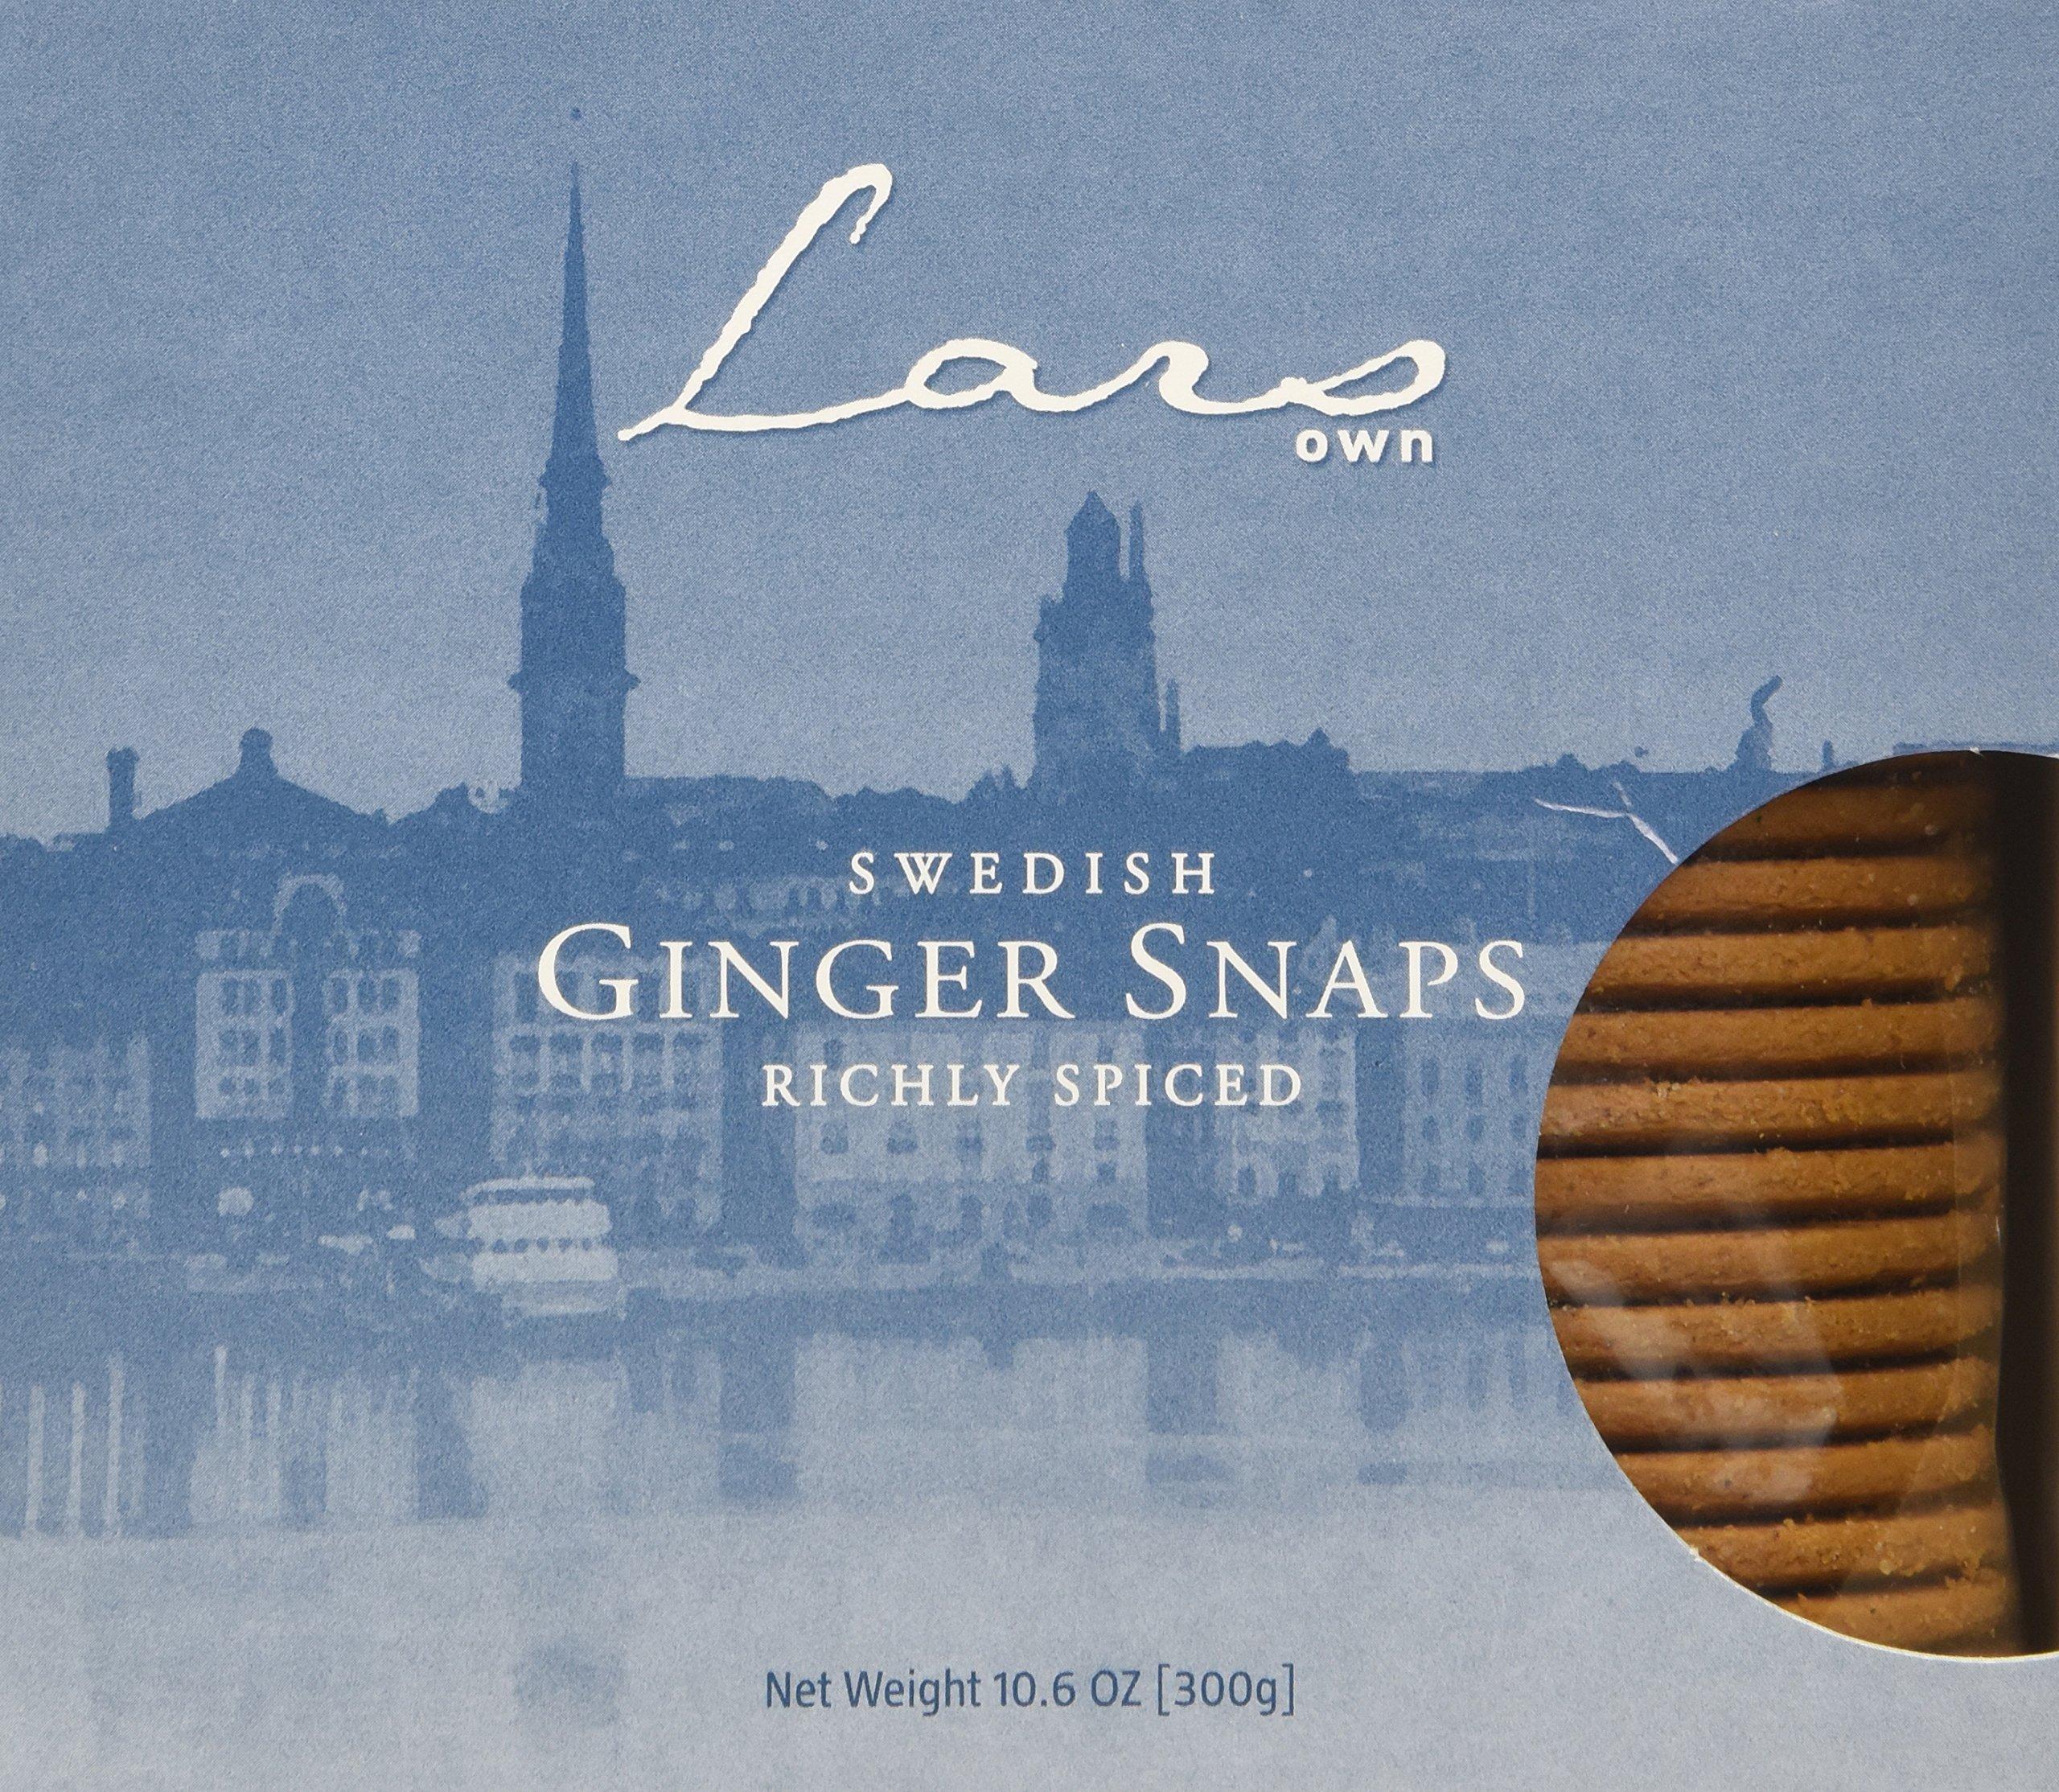 Lars Ginger Snaps